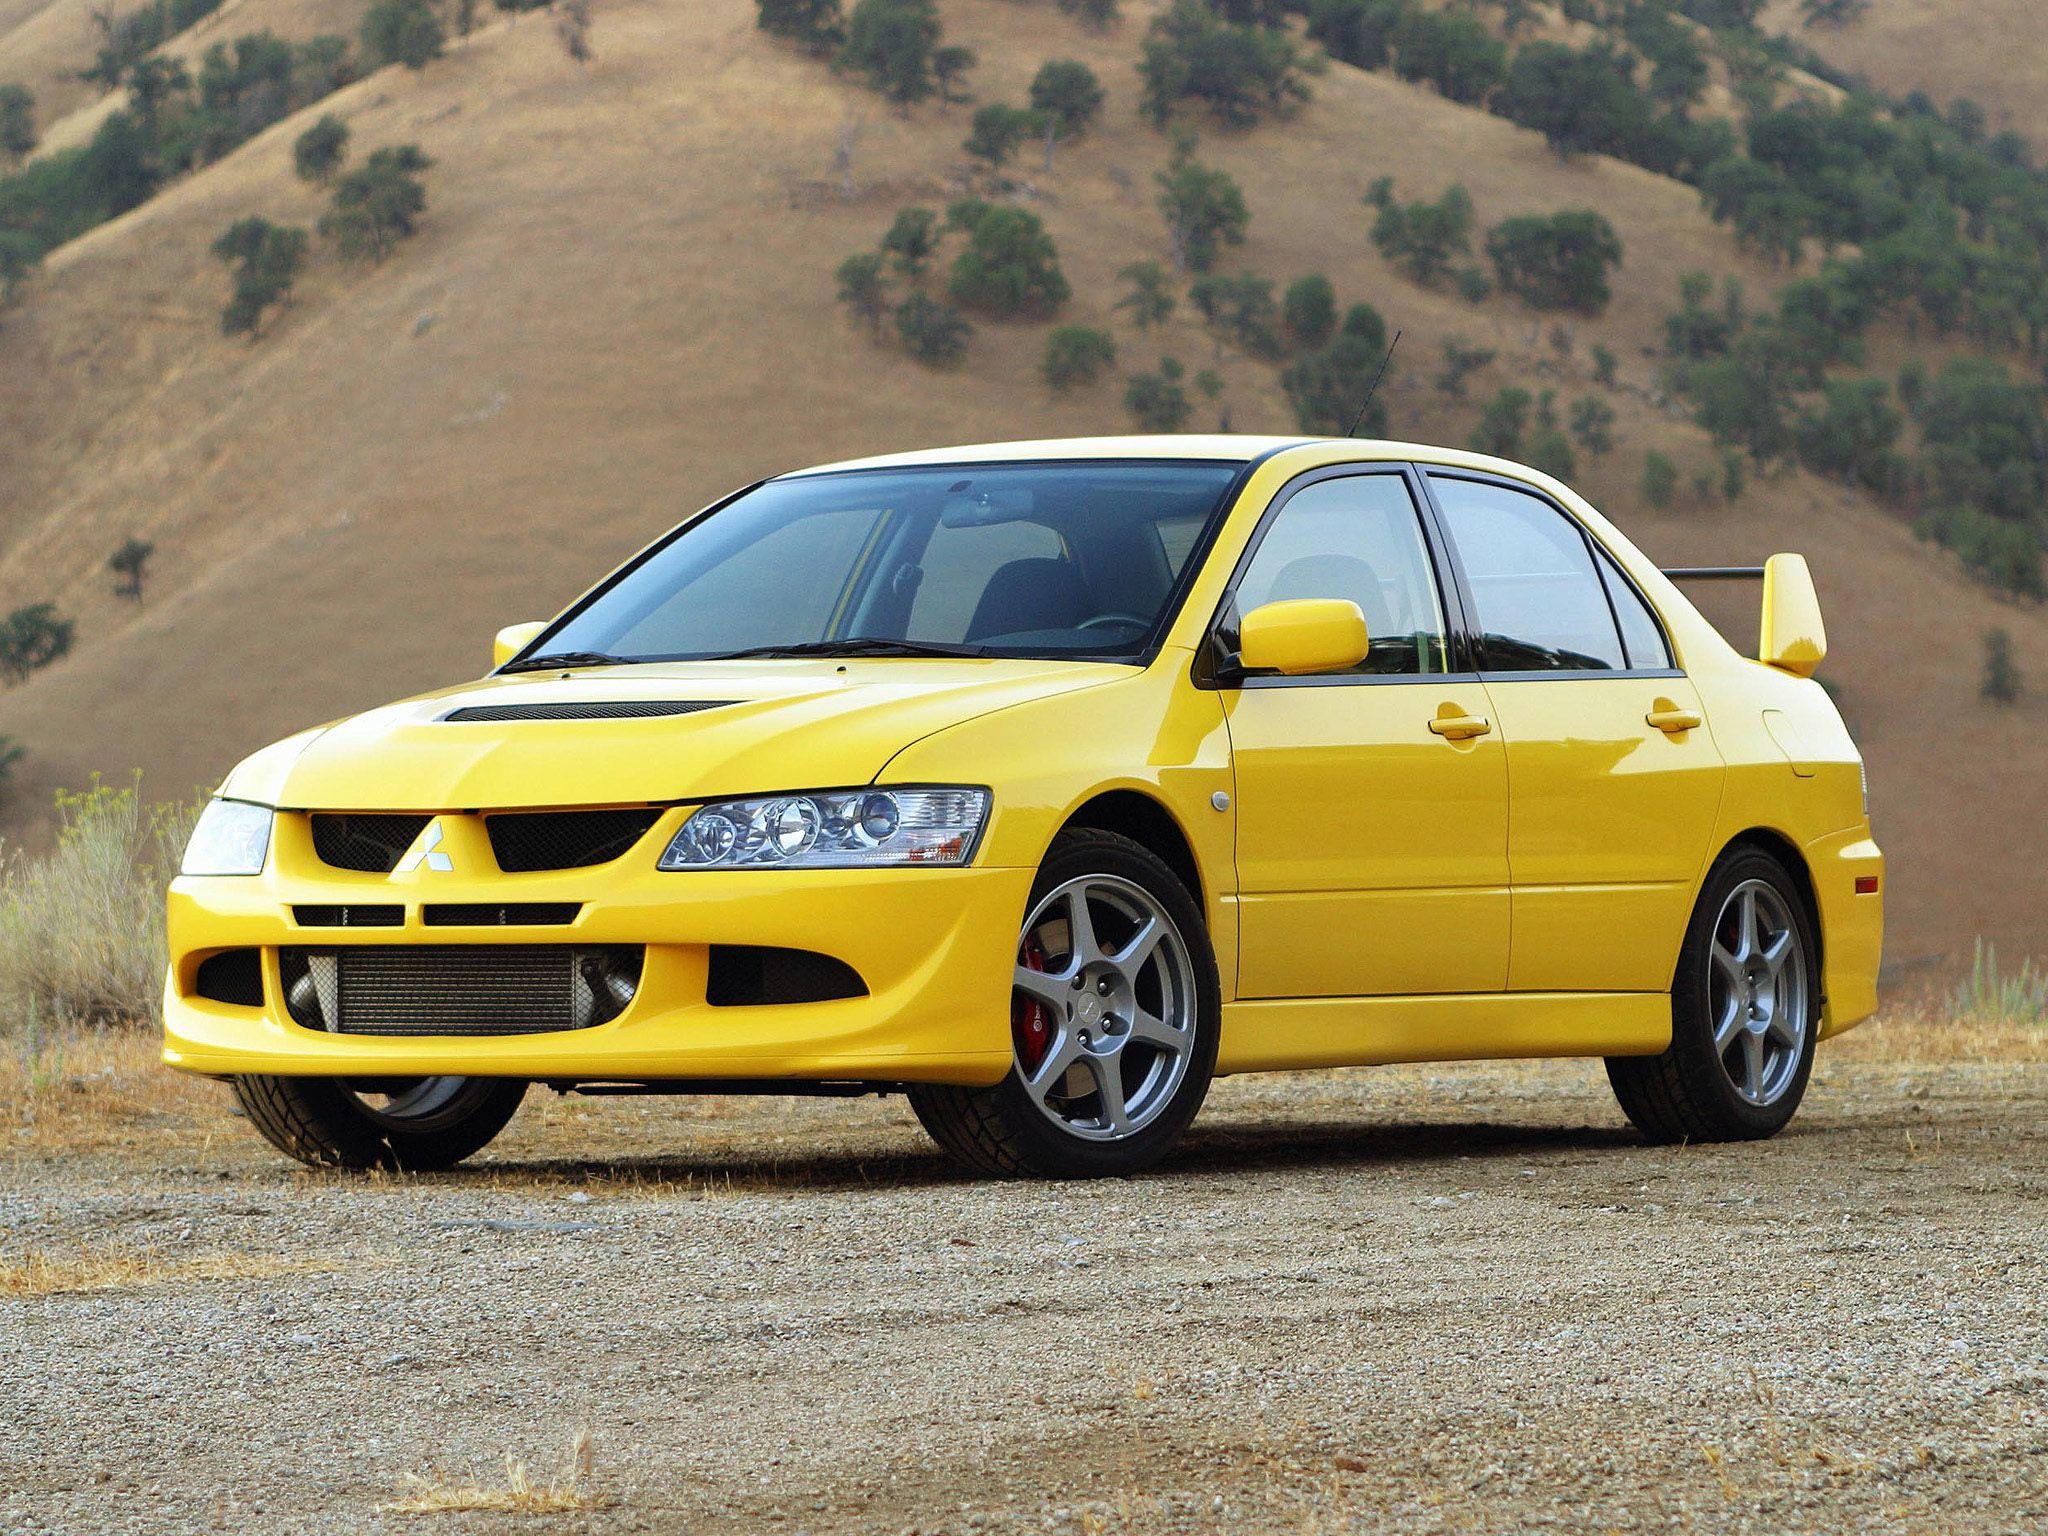 Mitsubishi Lancer Evo Viii Mitsubishi Lancer Evolution Mitsubishi Lancer Mitsubishi Cars